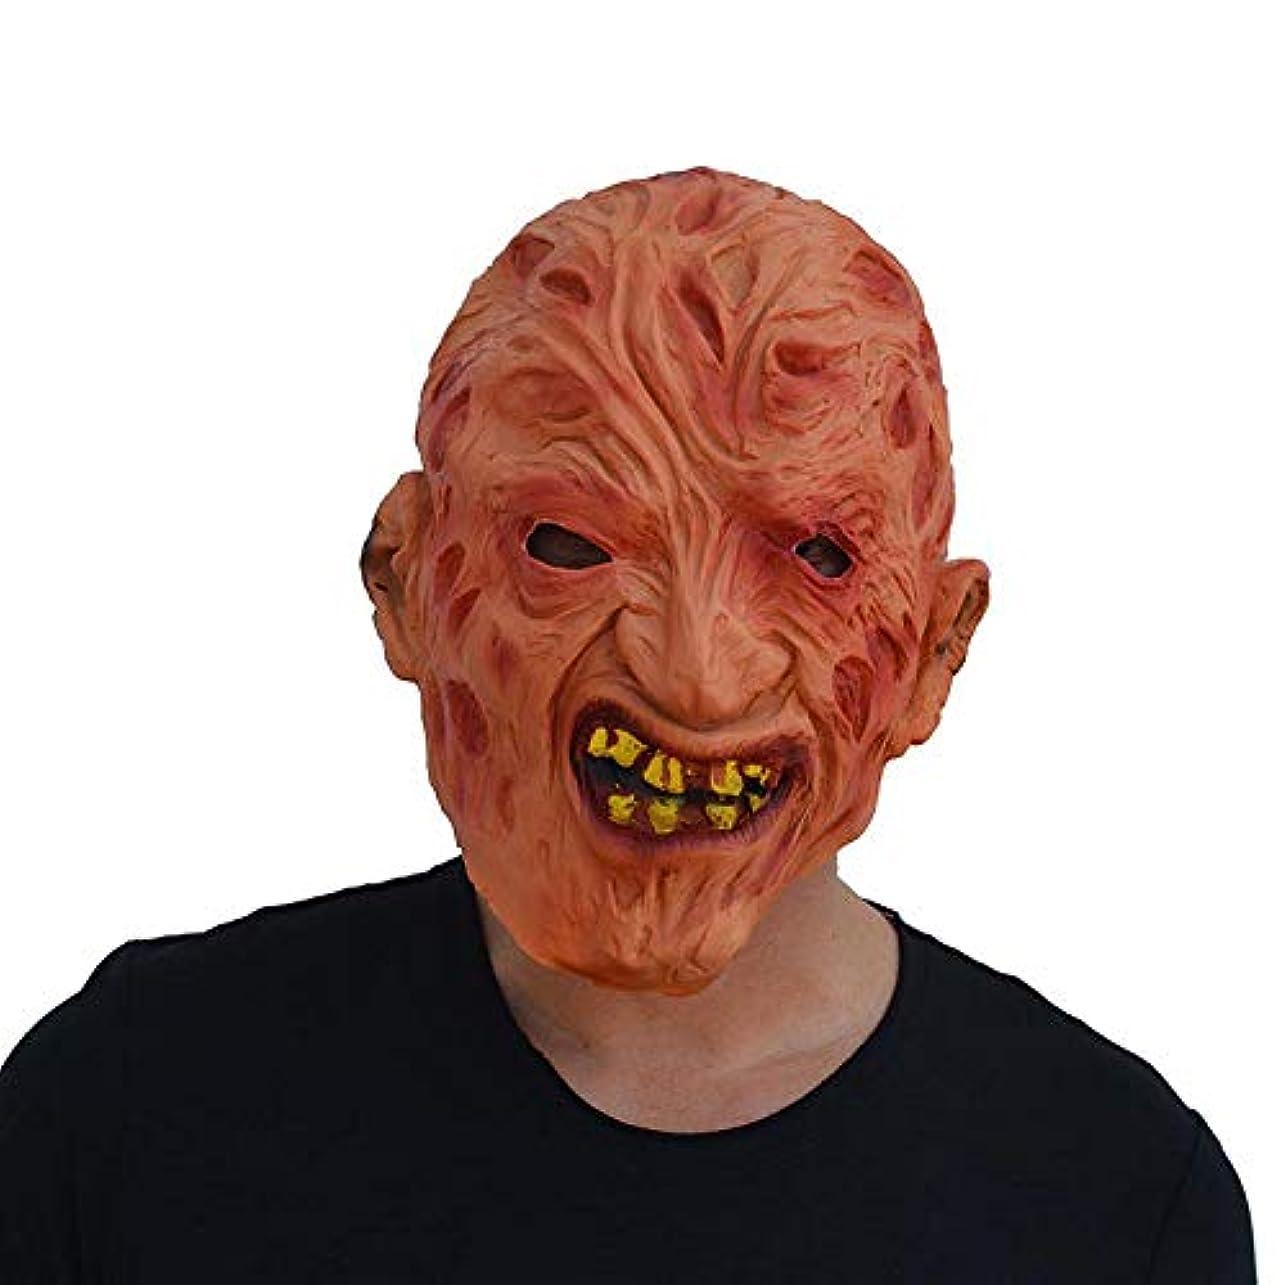 なる嬉しいです暴露するハロウィンホラー腐った顔ゾンビマスクゴーストフェスティバルナイトクラブレイブパーティーマスク